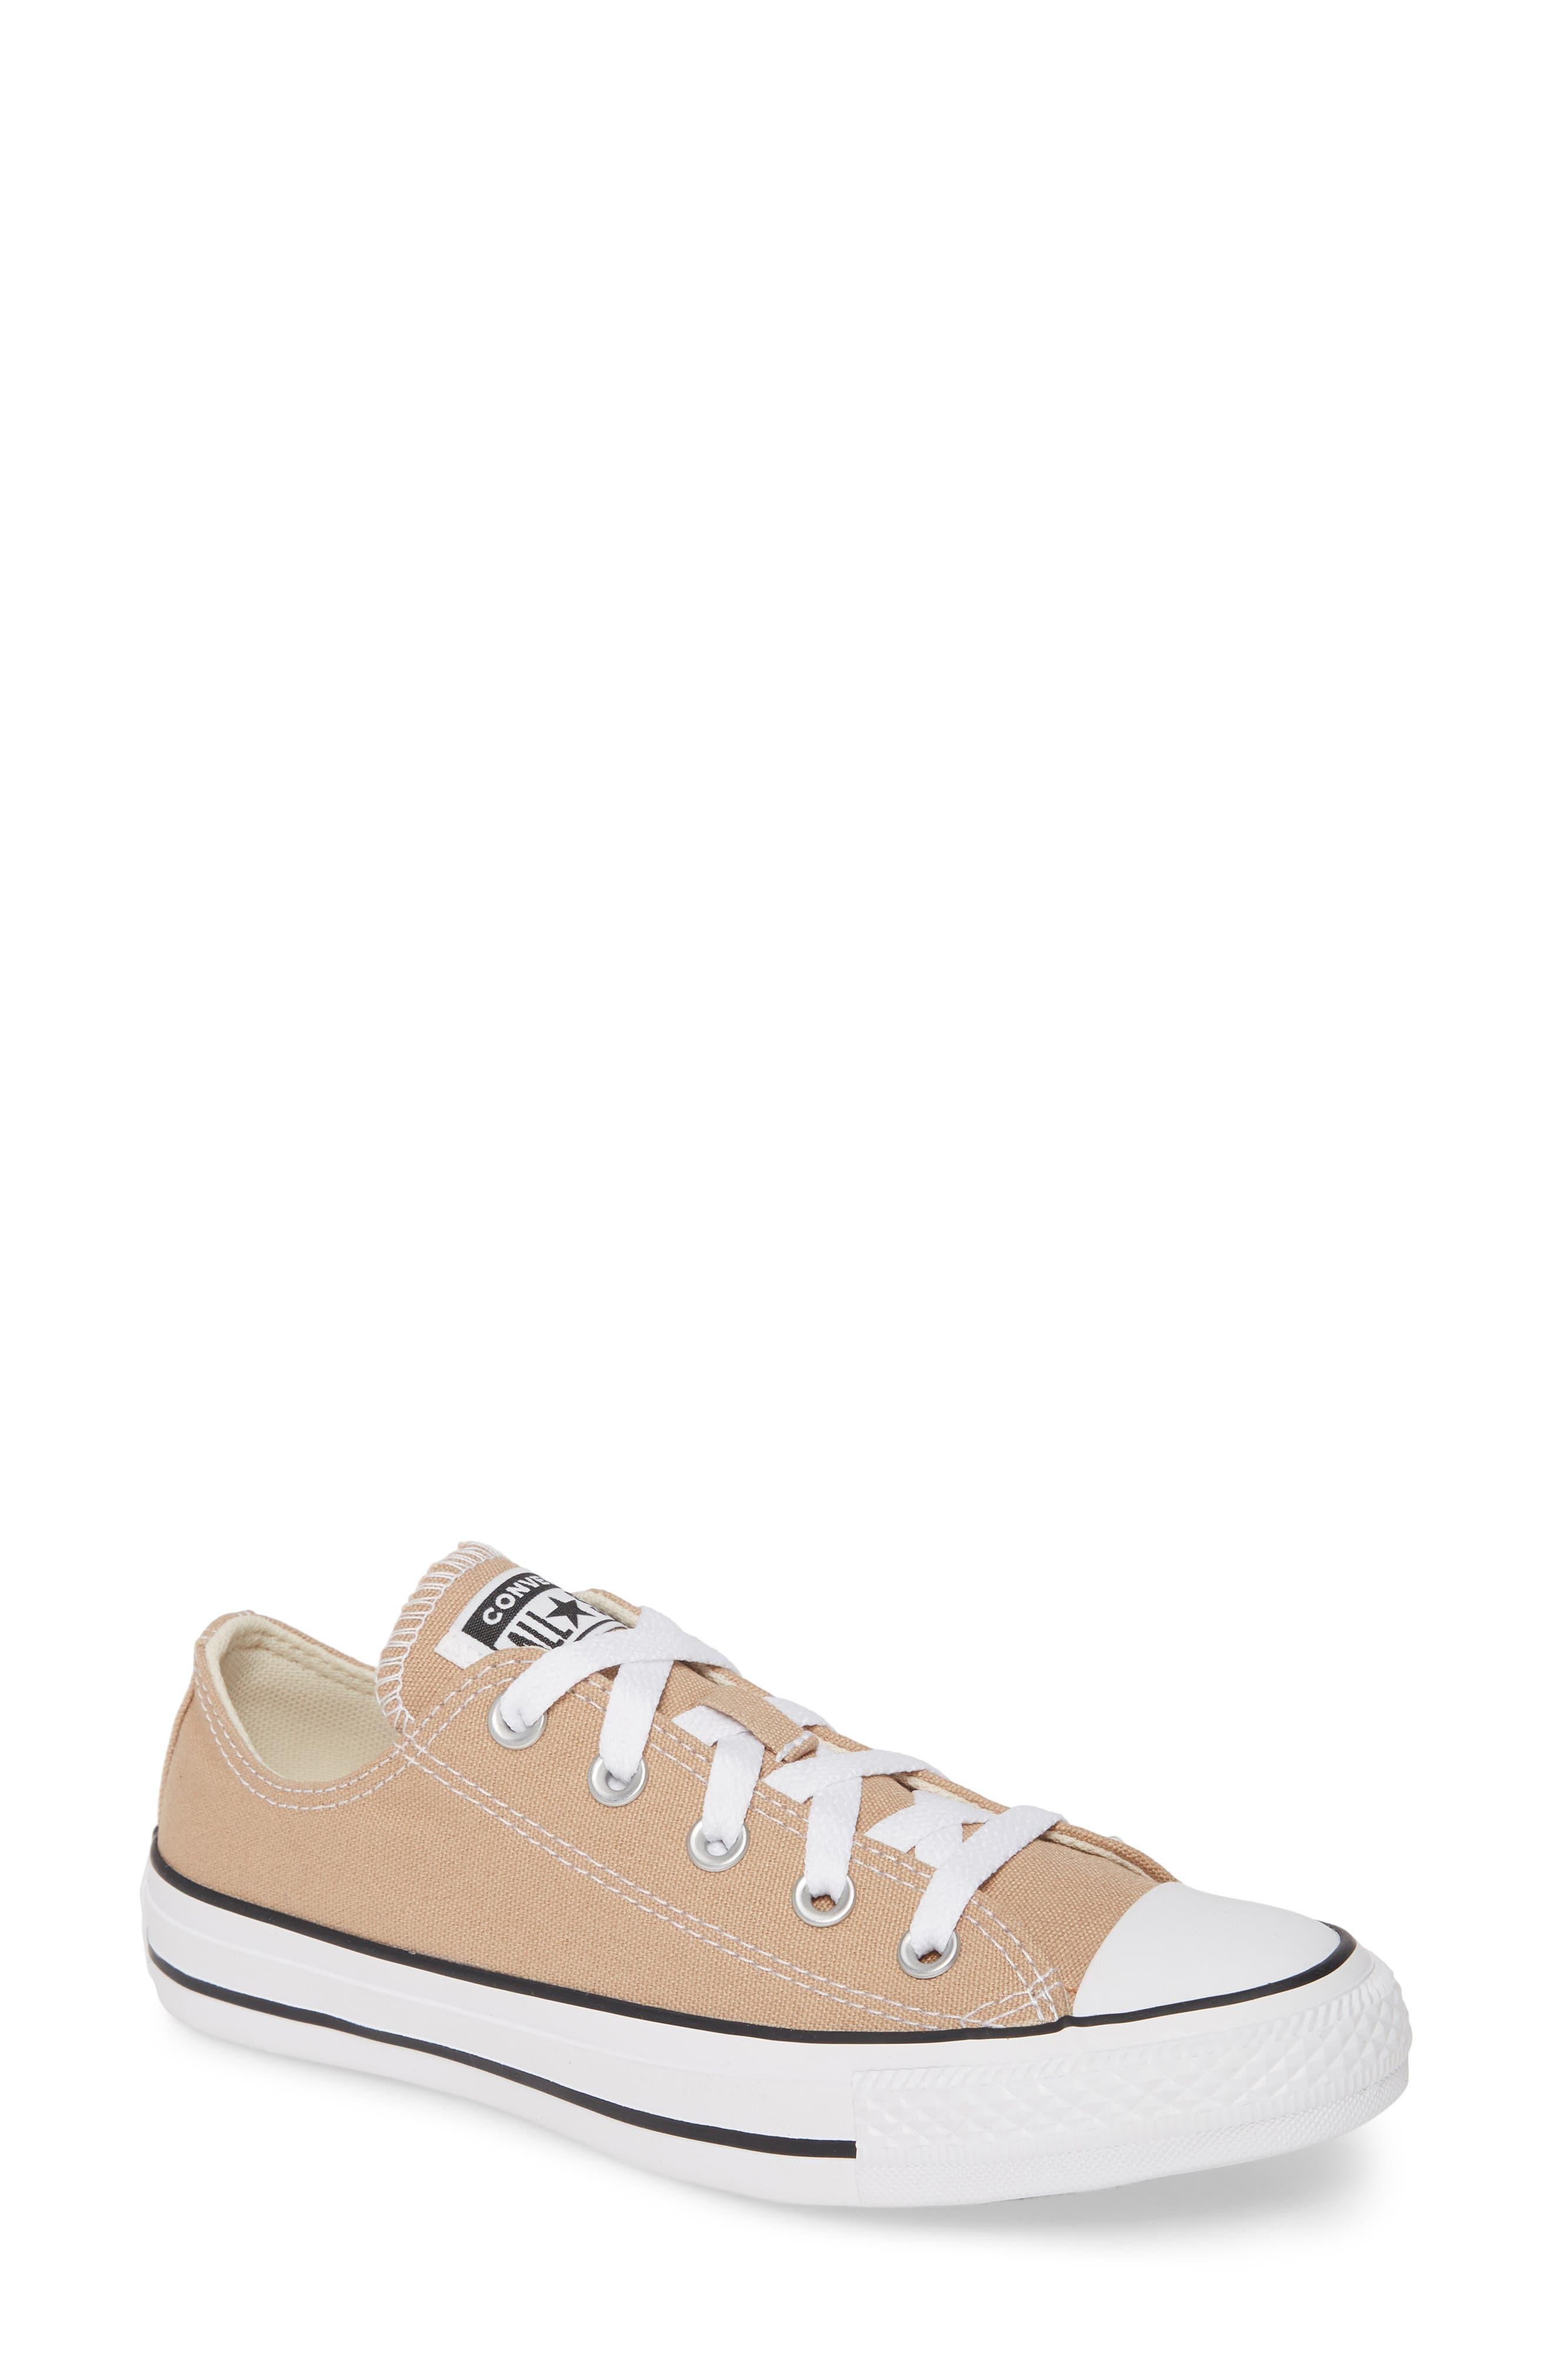 Converse Chuck Taylor All Star Seasonal Ox Low Top Sneaker, Beige